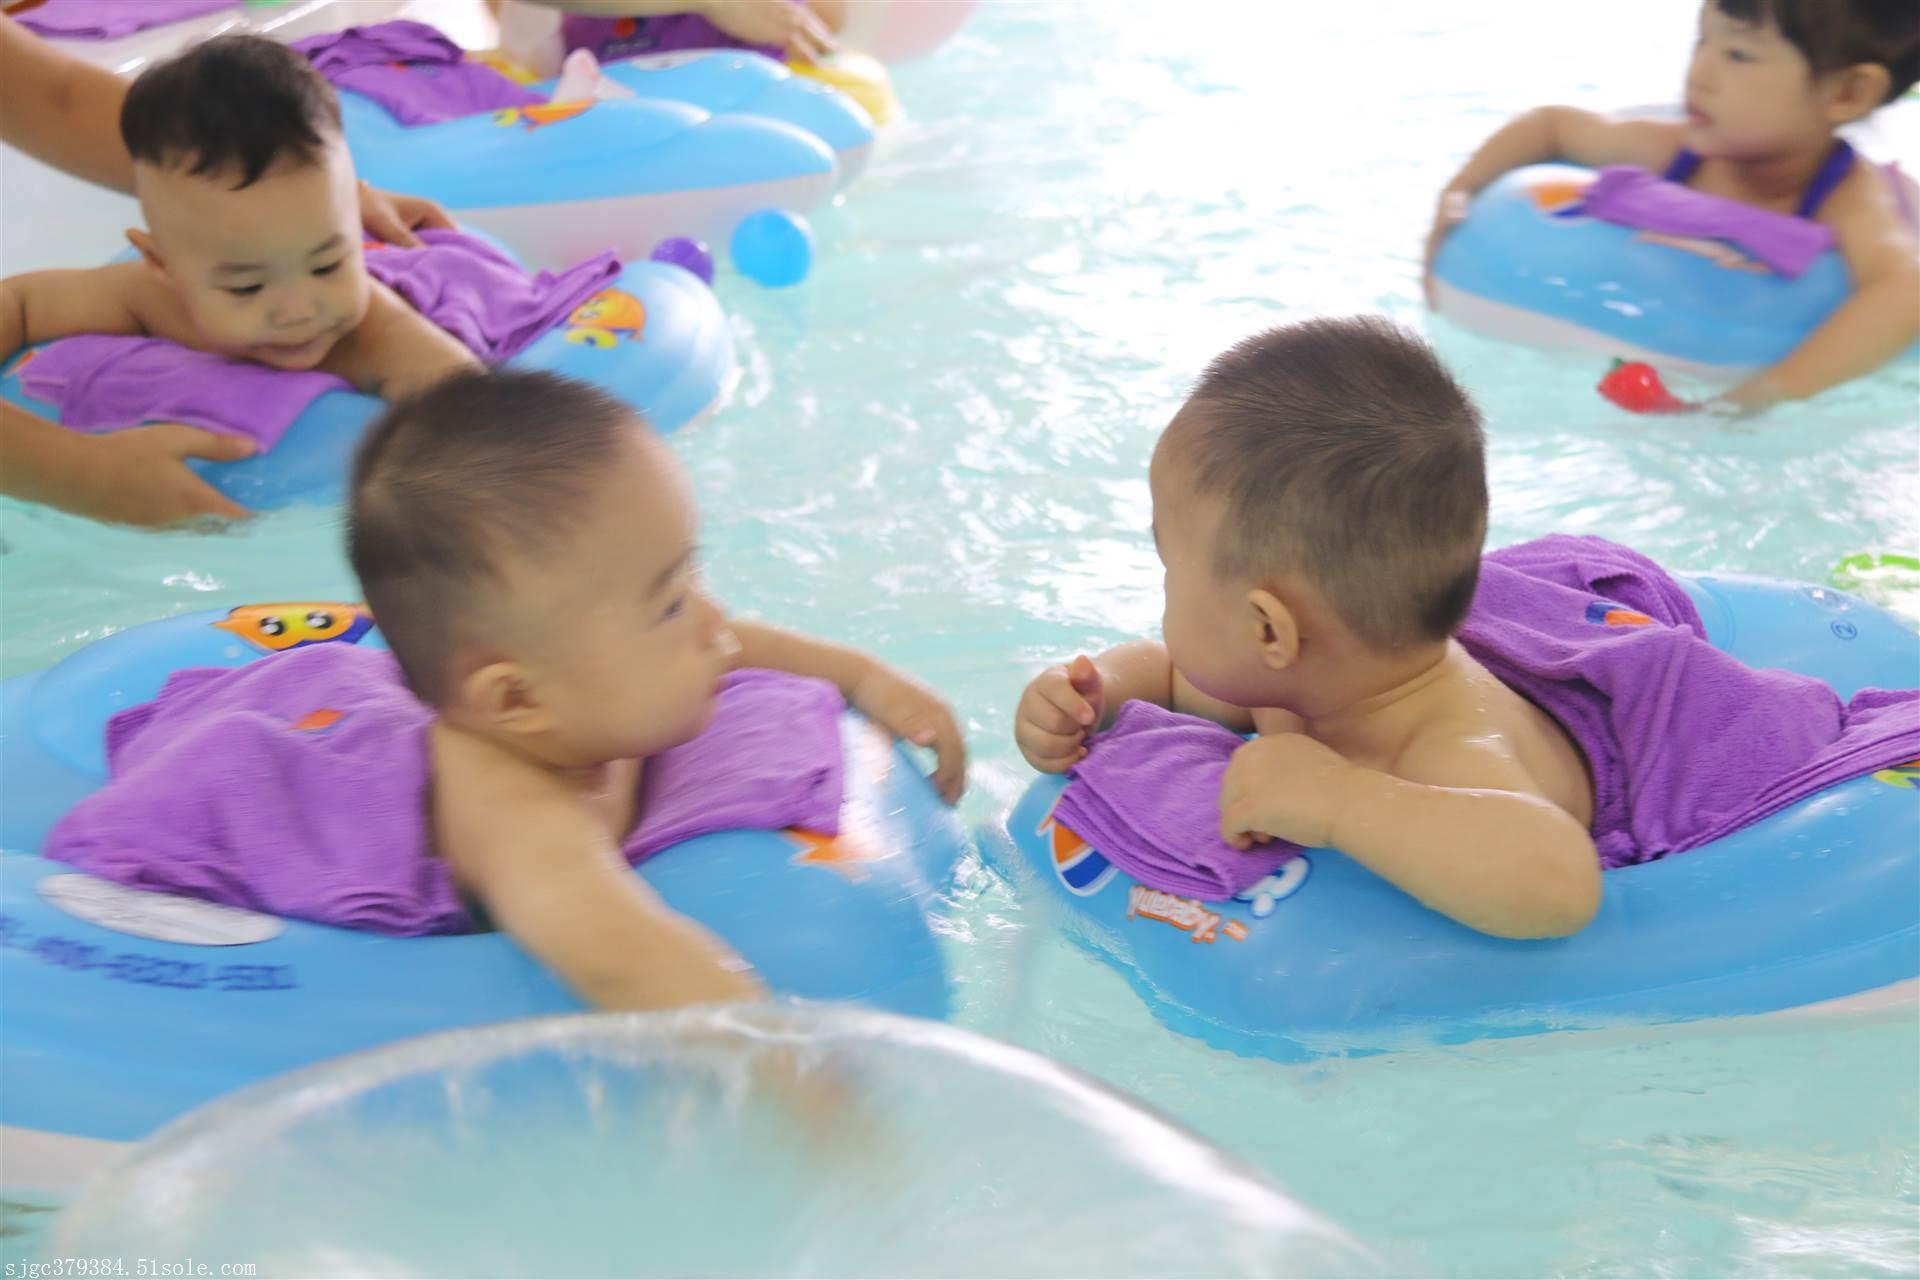 宝宝沟通能力能通过游泳锻炼吗,宝宝游泳馆加盟